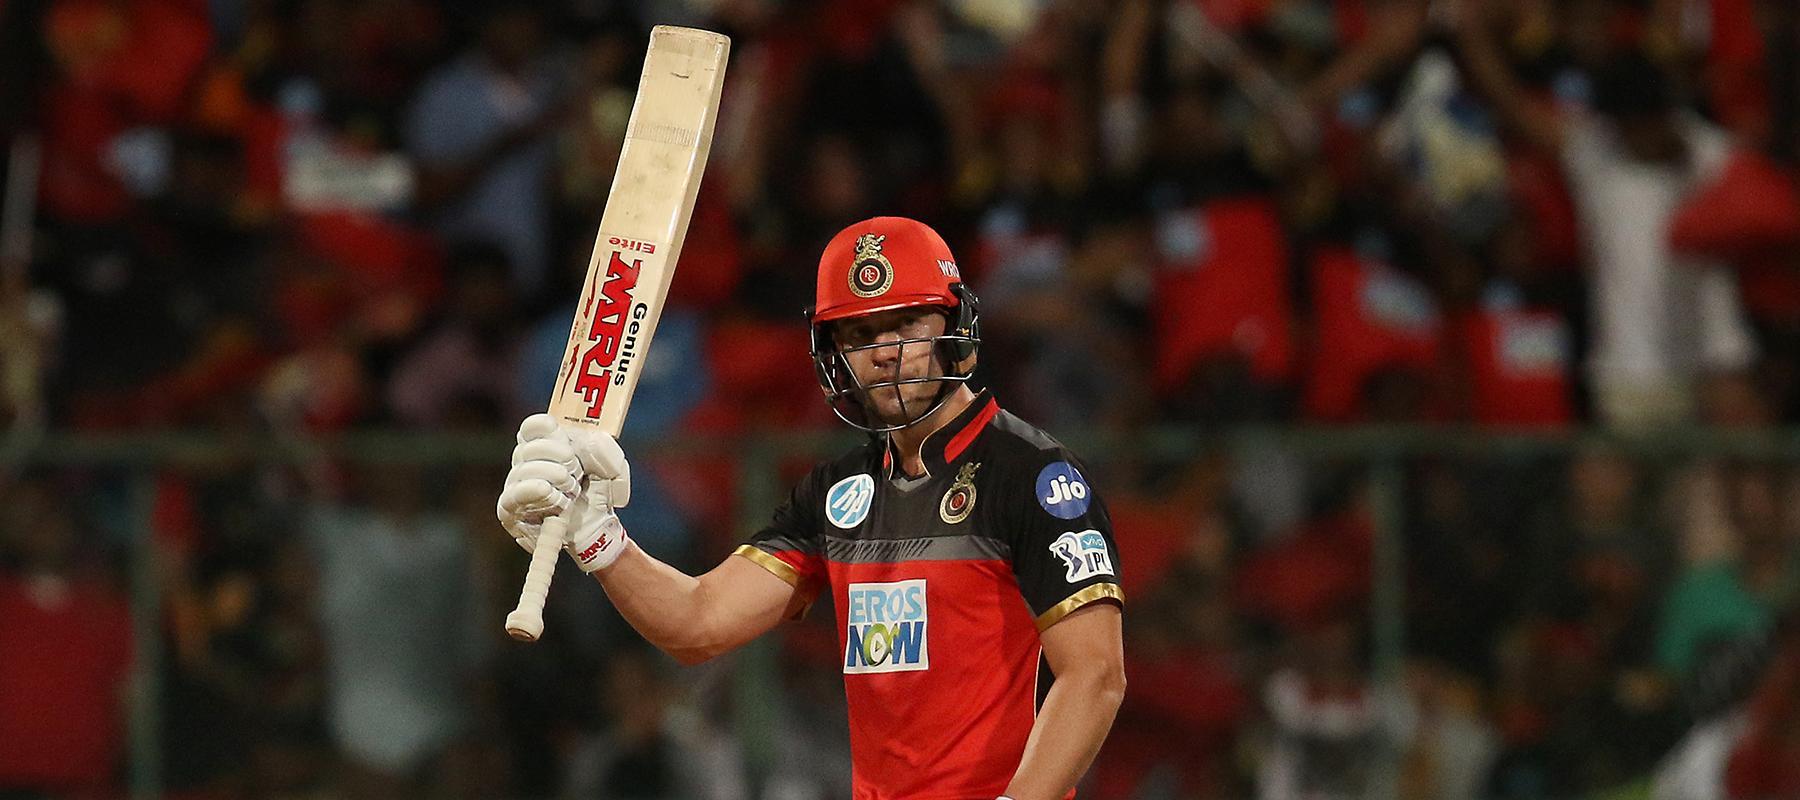 साउथ अफ्रीका ने दिया आईपीएल को तगड़ा झटका, इतने दिन उनके खिलाड़ी नहीं बनेंगे टूर्नामेंट का हिस्सा 6